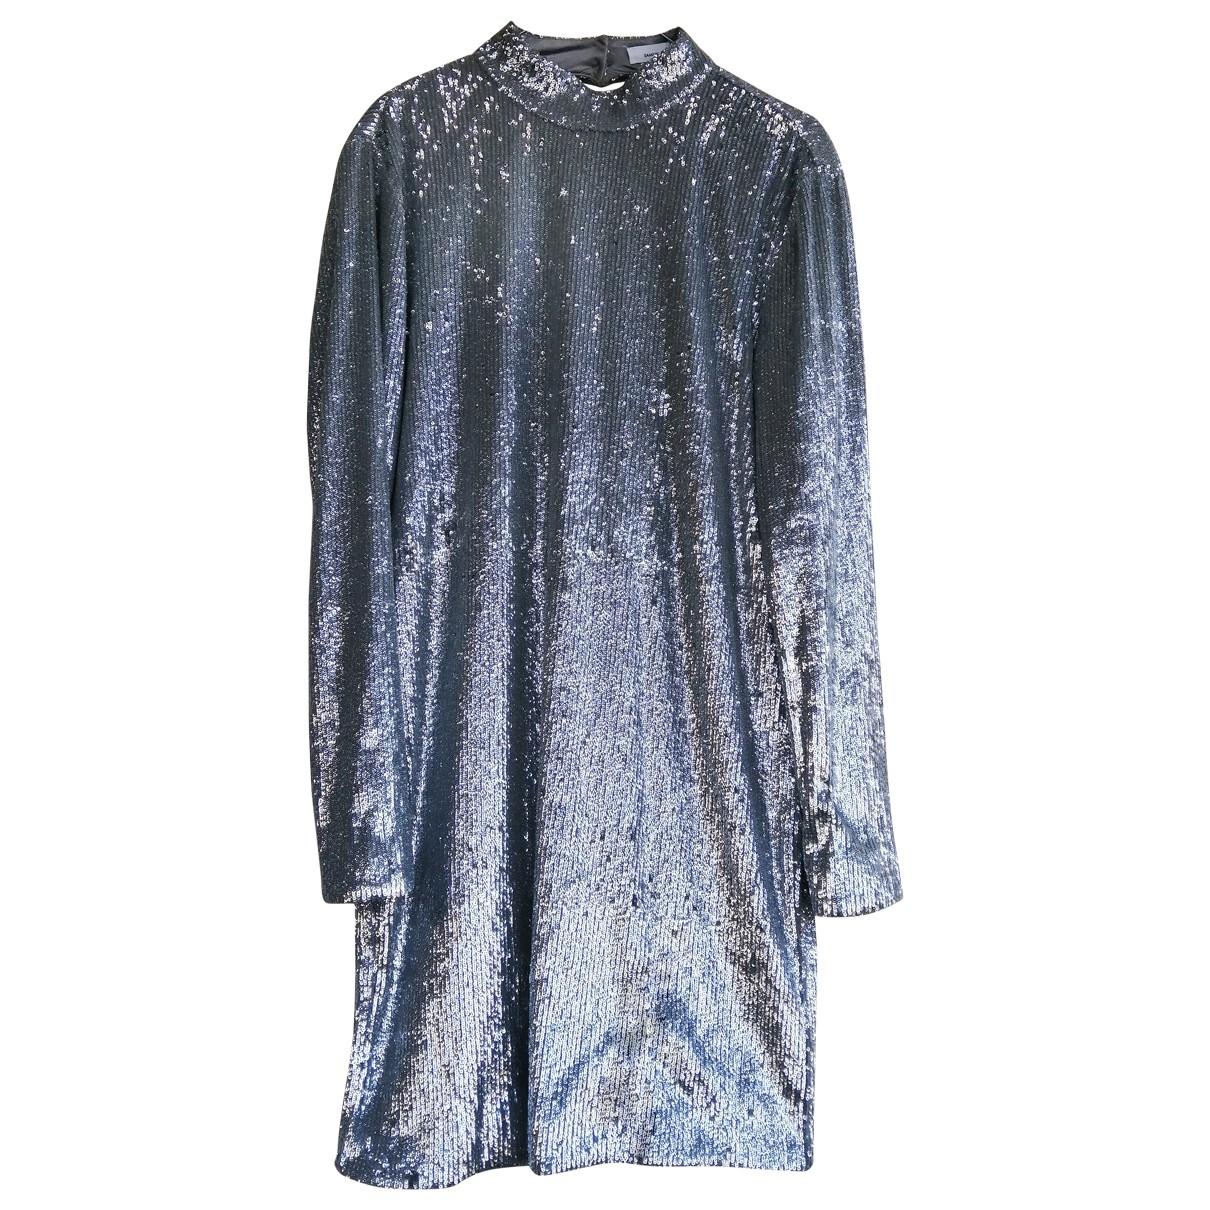 Samsoe & Samsoe \N Silver Glitter dress for Women S International